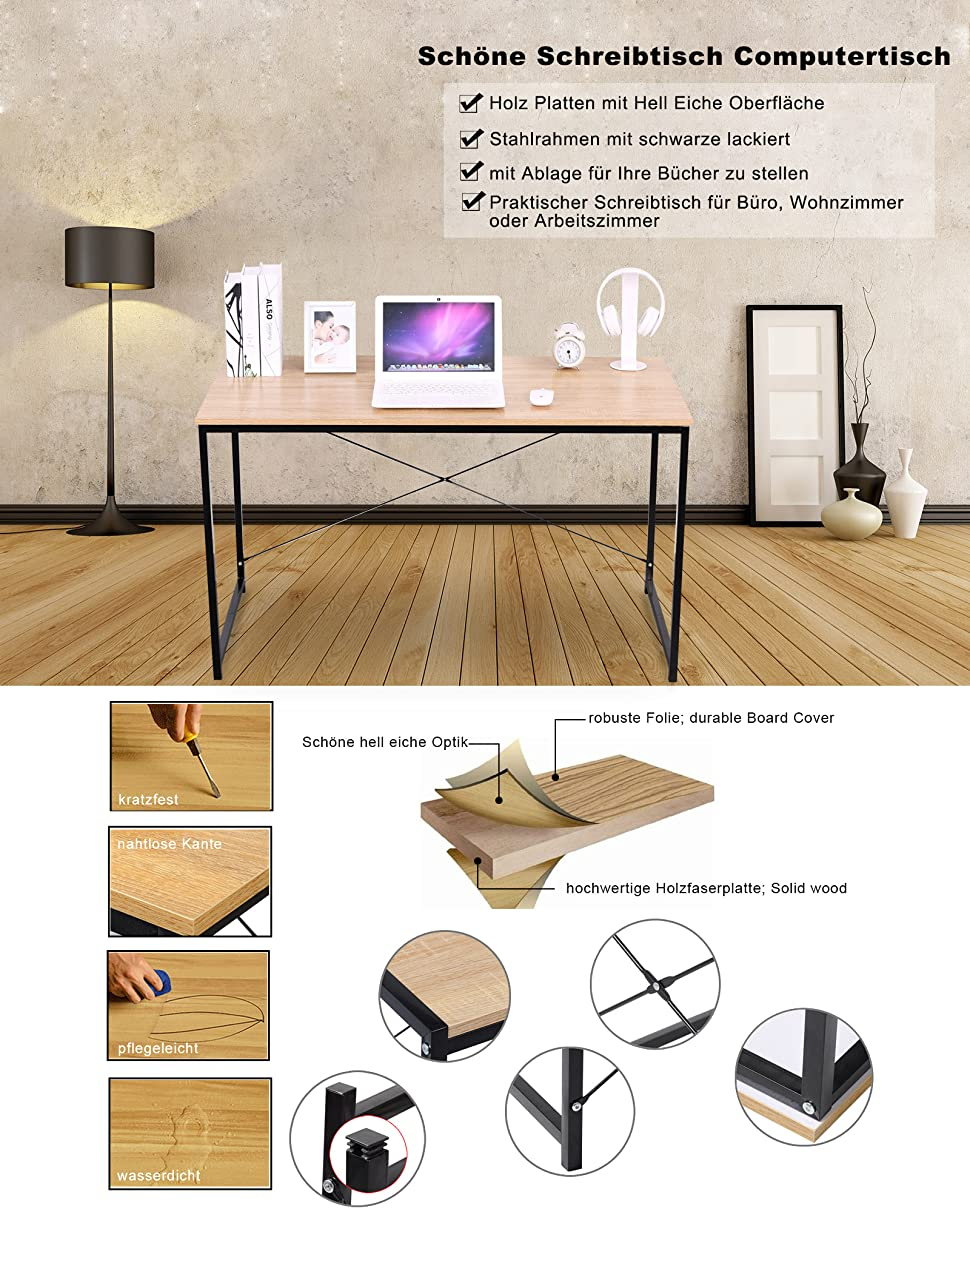 WOLTU TSB04hei Schreibtisch Computertisch Brombel PC Tisch